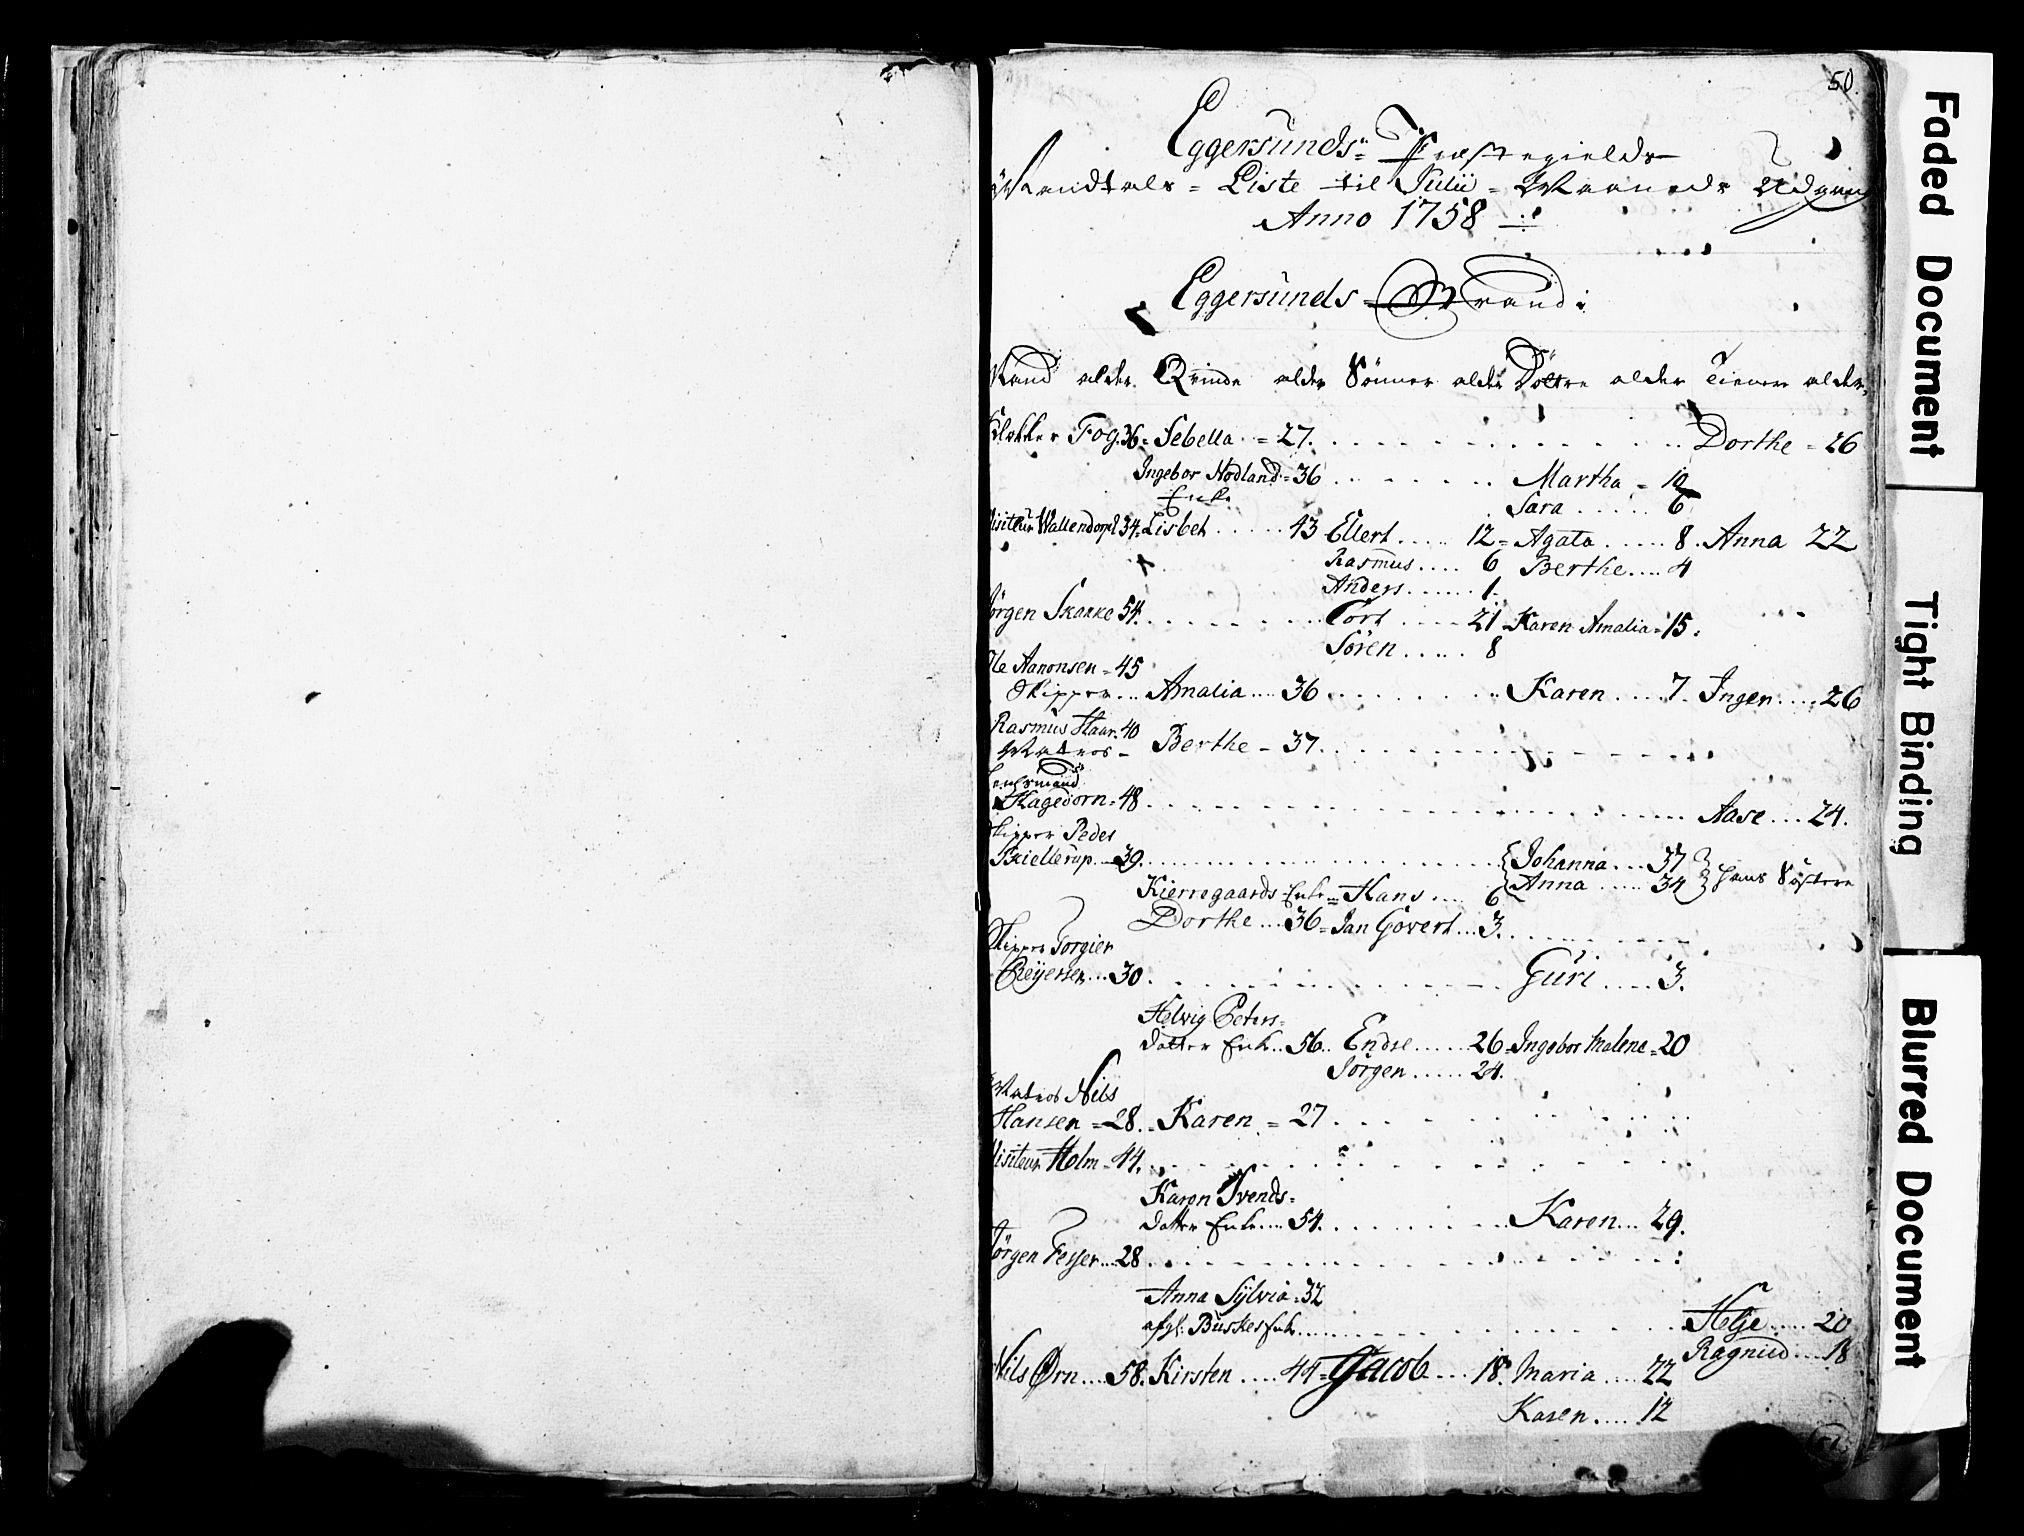 SAST, Fylkesmannen i Rogaland, 3/325/325CA/L0017: SJELEREGISTER JÆREN OG DALANE PRESTEGJELD, 1758, s. 50